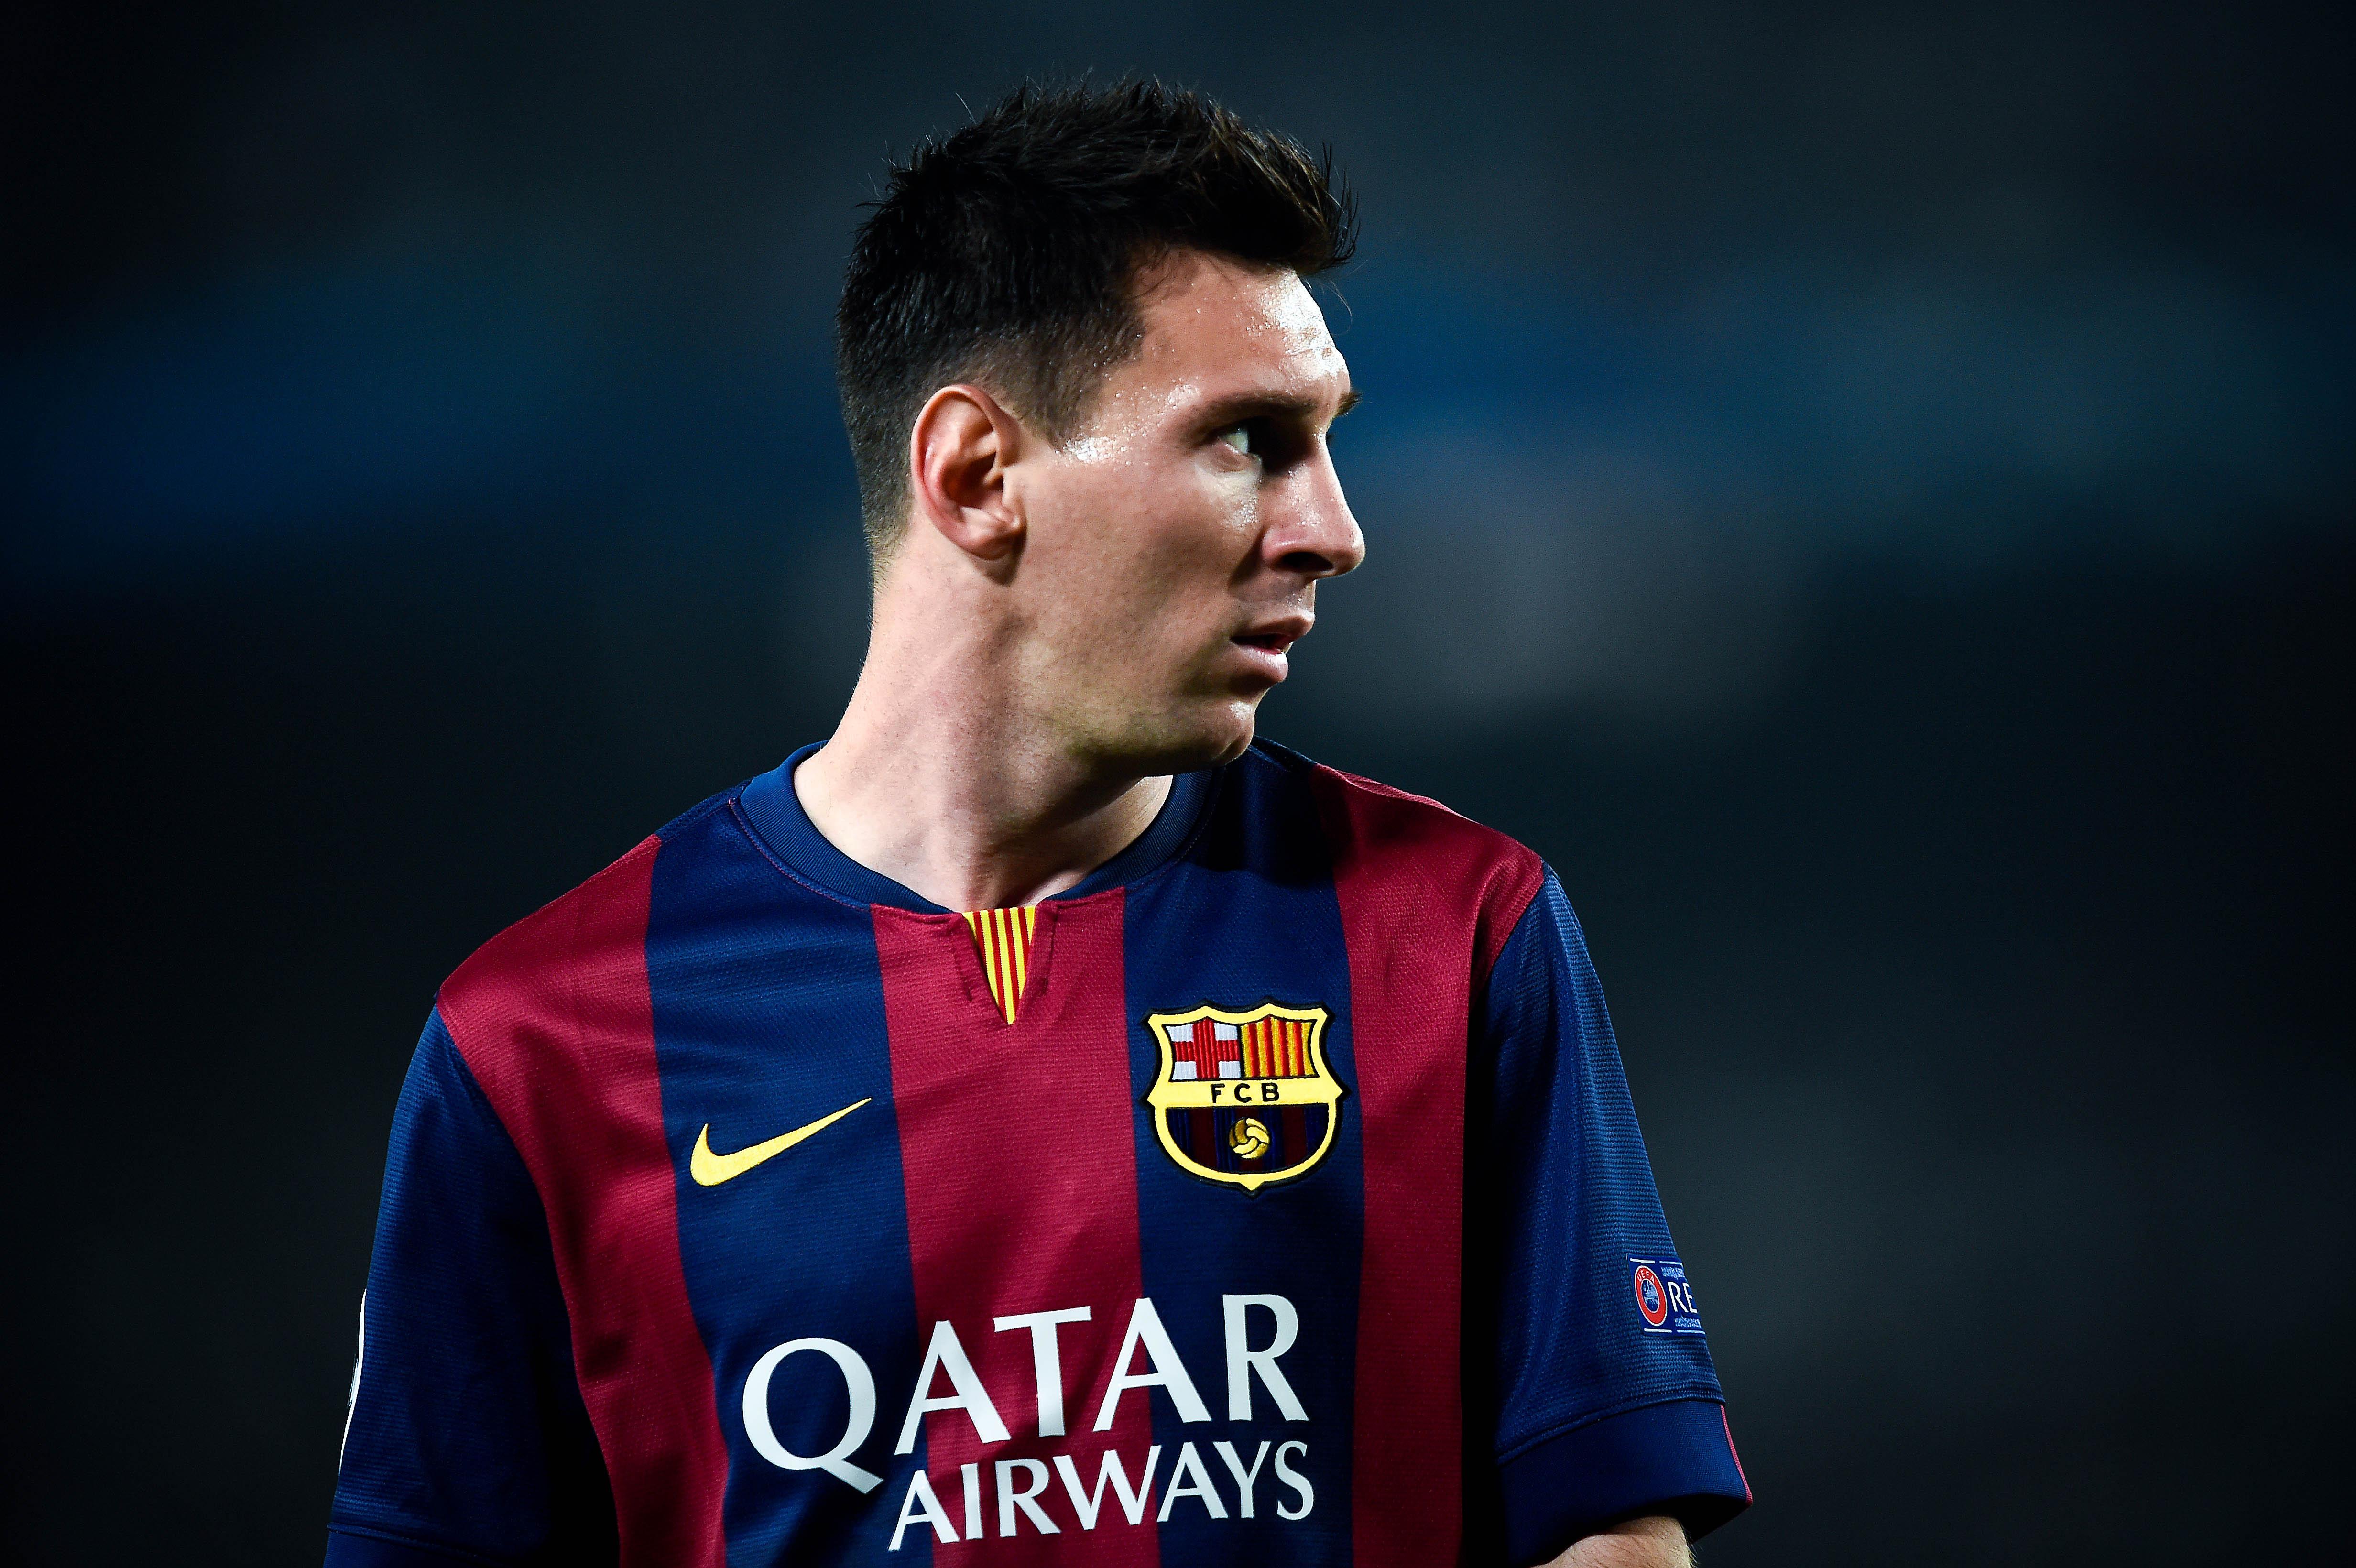 APOEL vs. Barcelona: Final score 0-4, Lionel Messi dominant